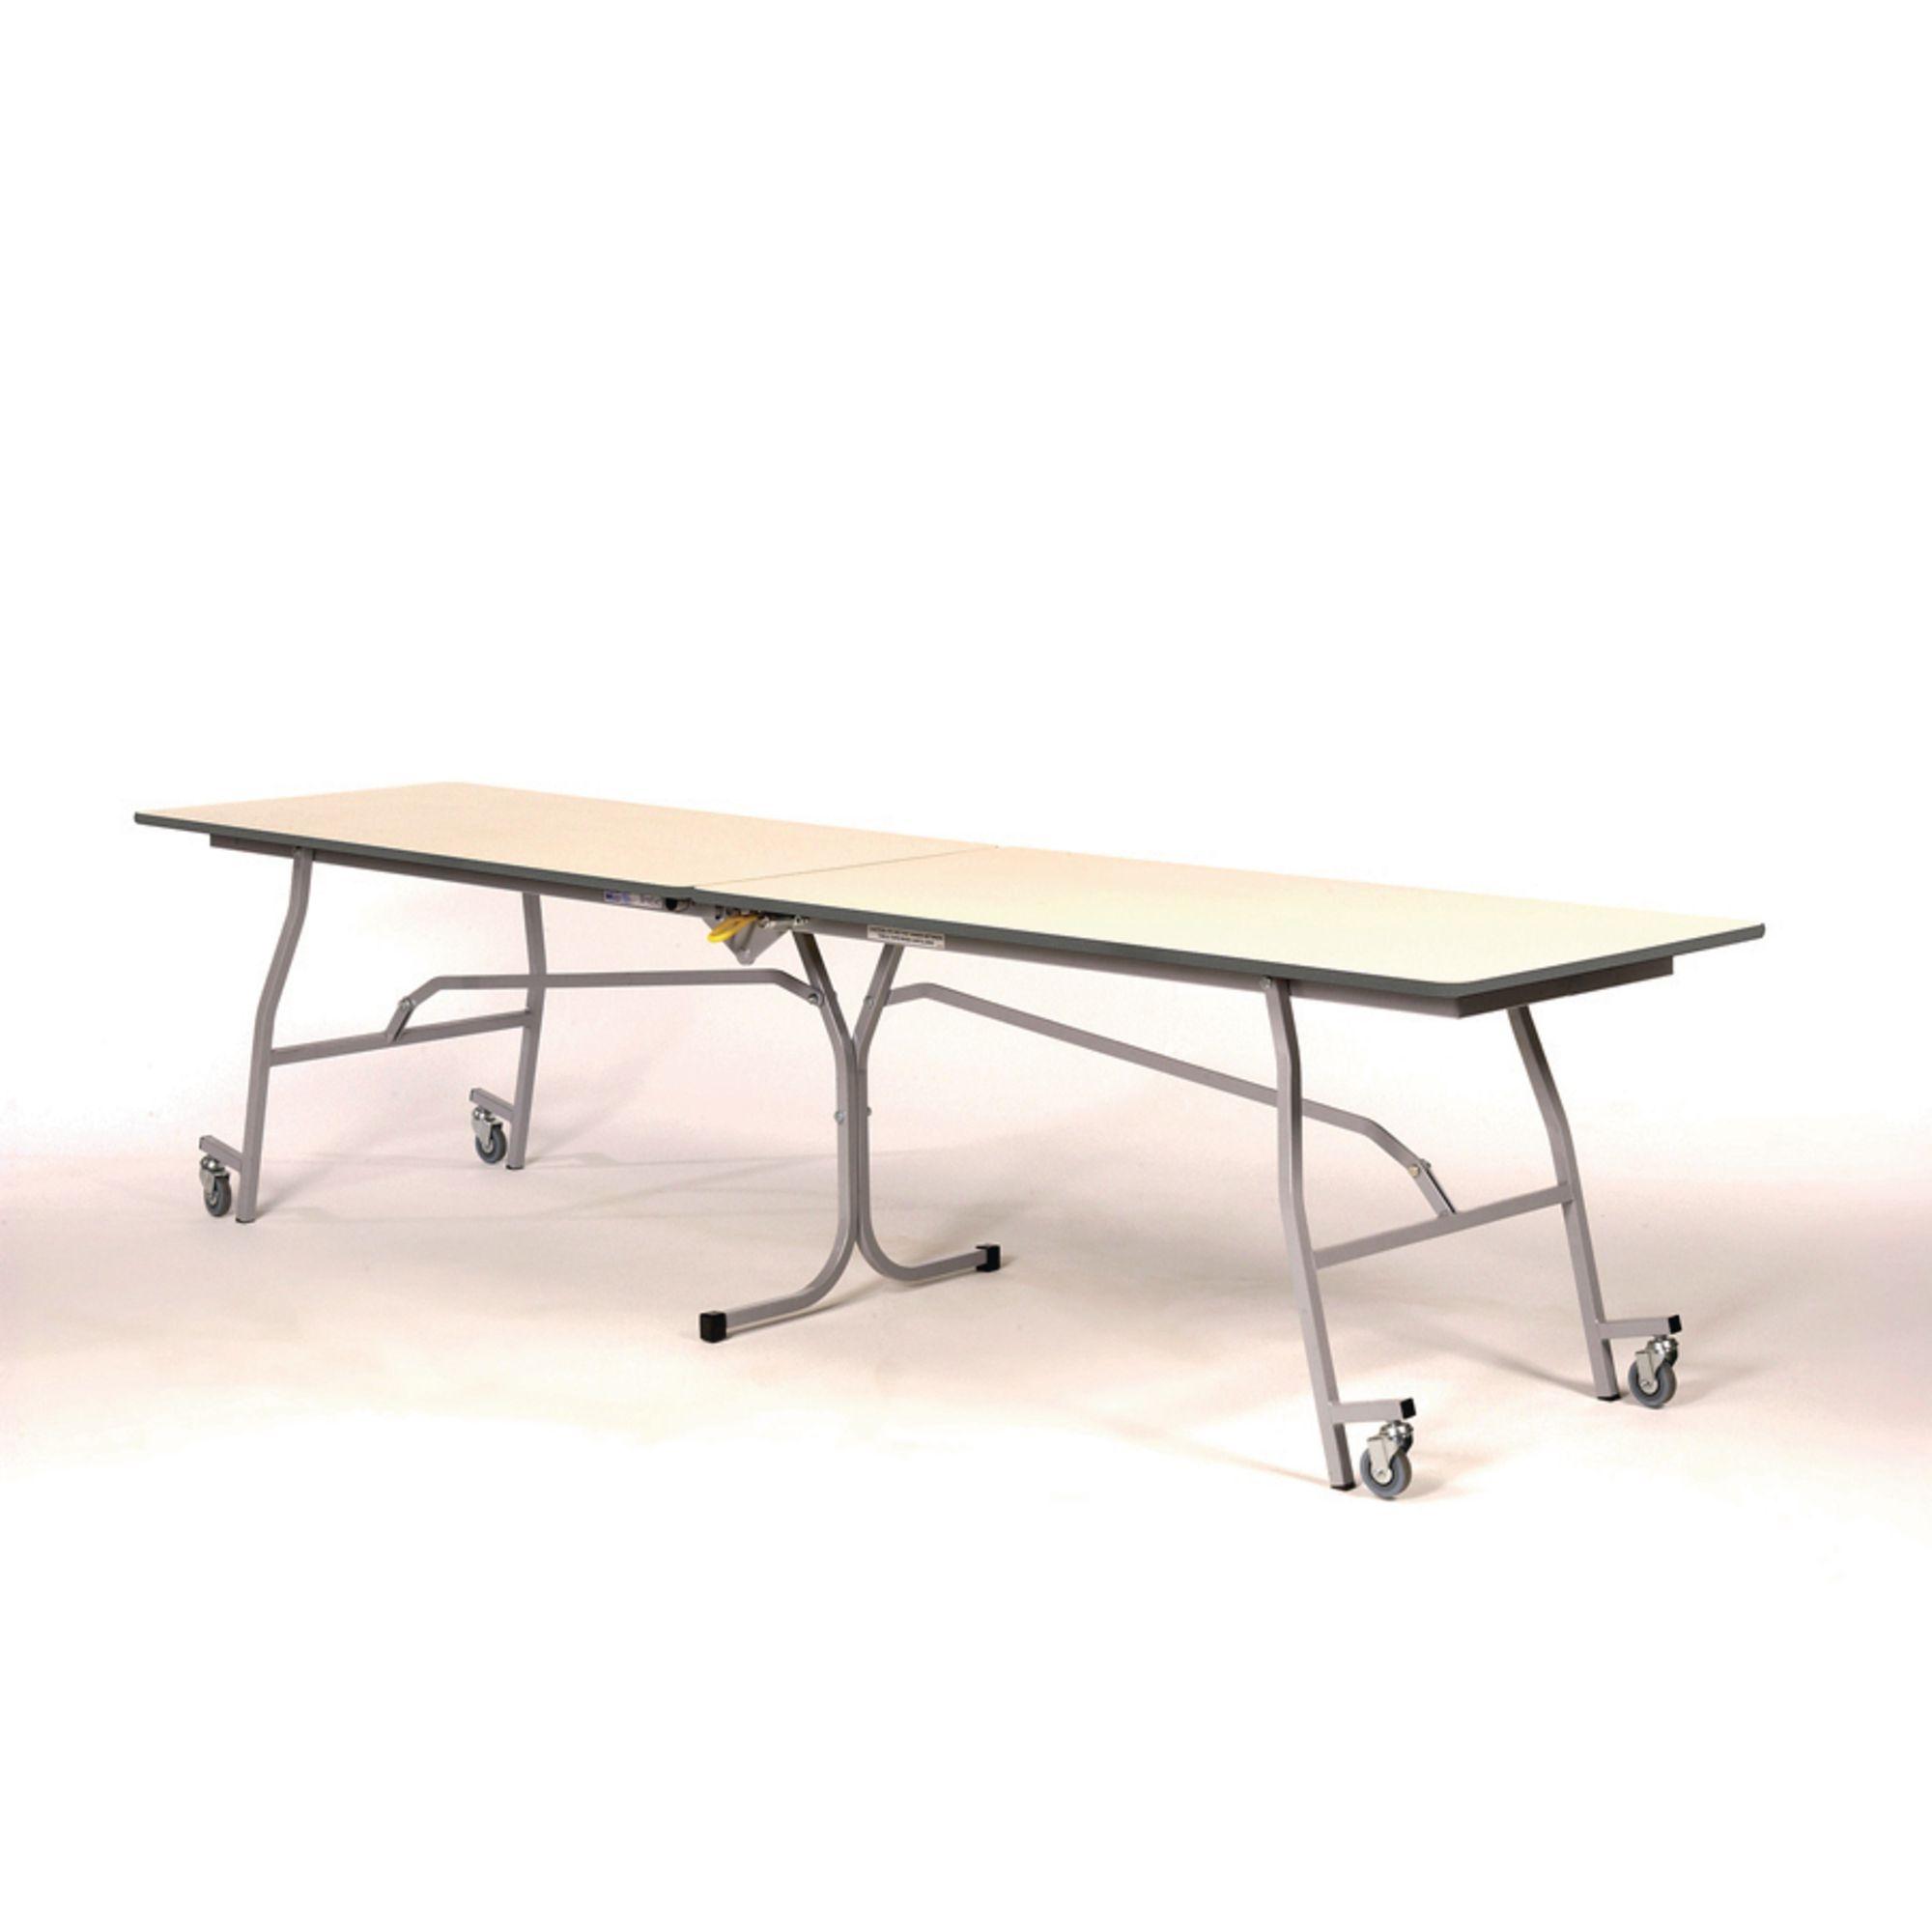 LB Mobile Folding Table 1800 x 750 x 690mm Blue